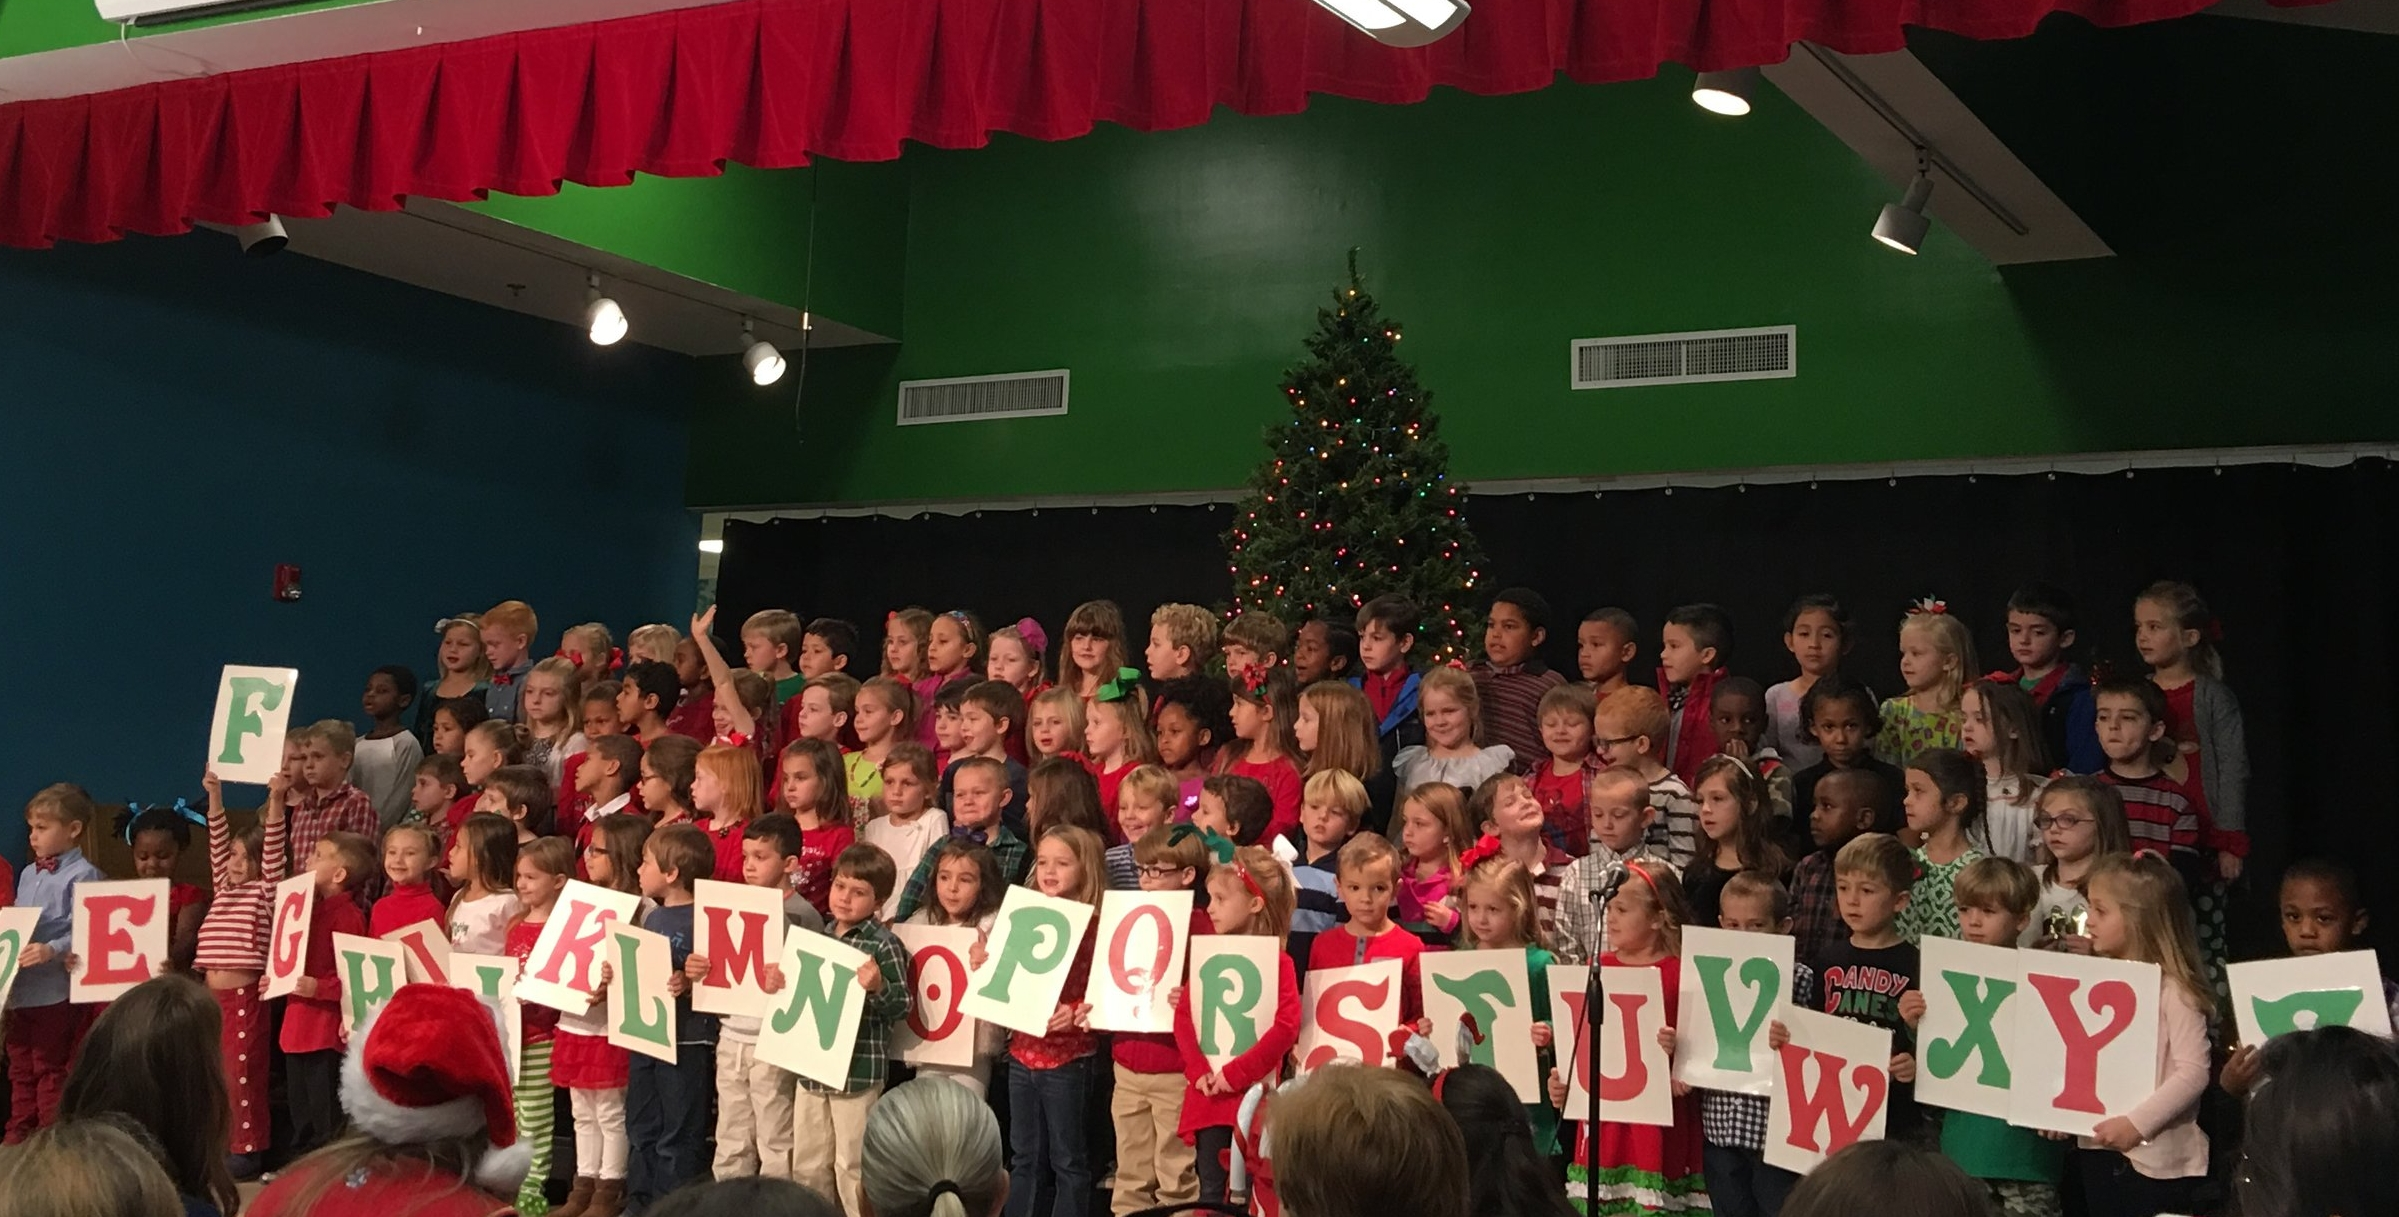 Quinn's Christmas program